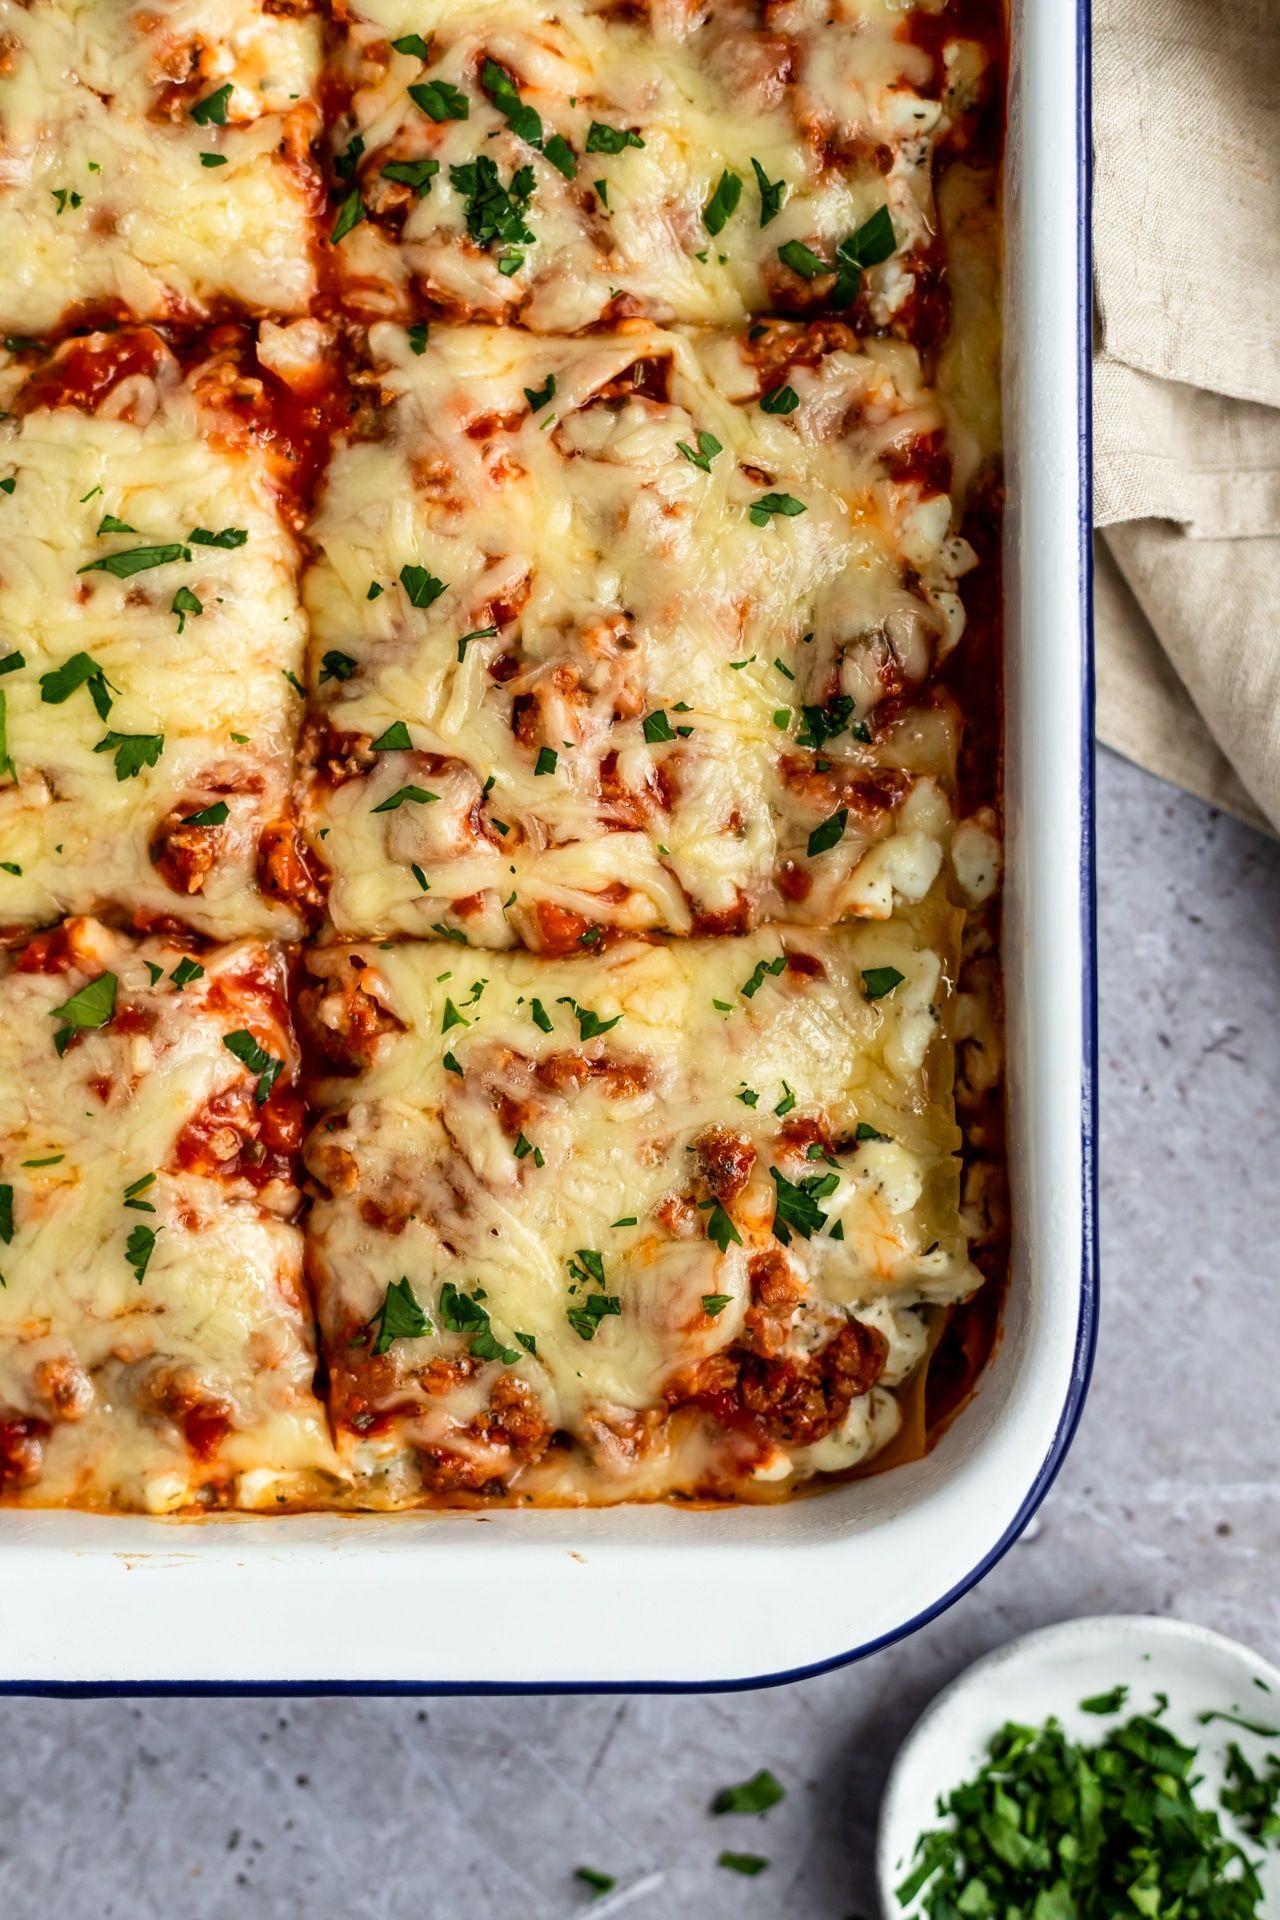 Lasagnes Saines Faciles In 2020 Easy Lasagna Recipe Lasagna Recipe Healthy Lasagna